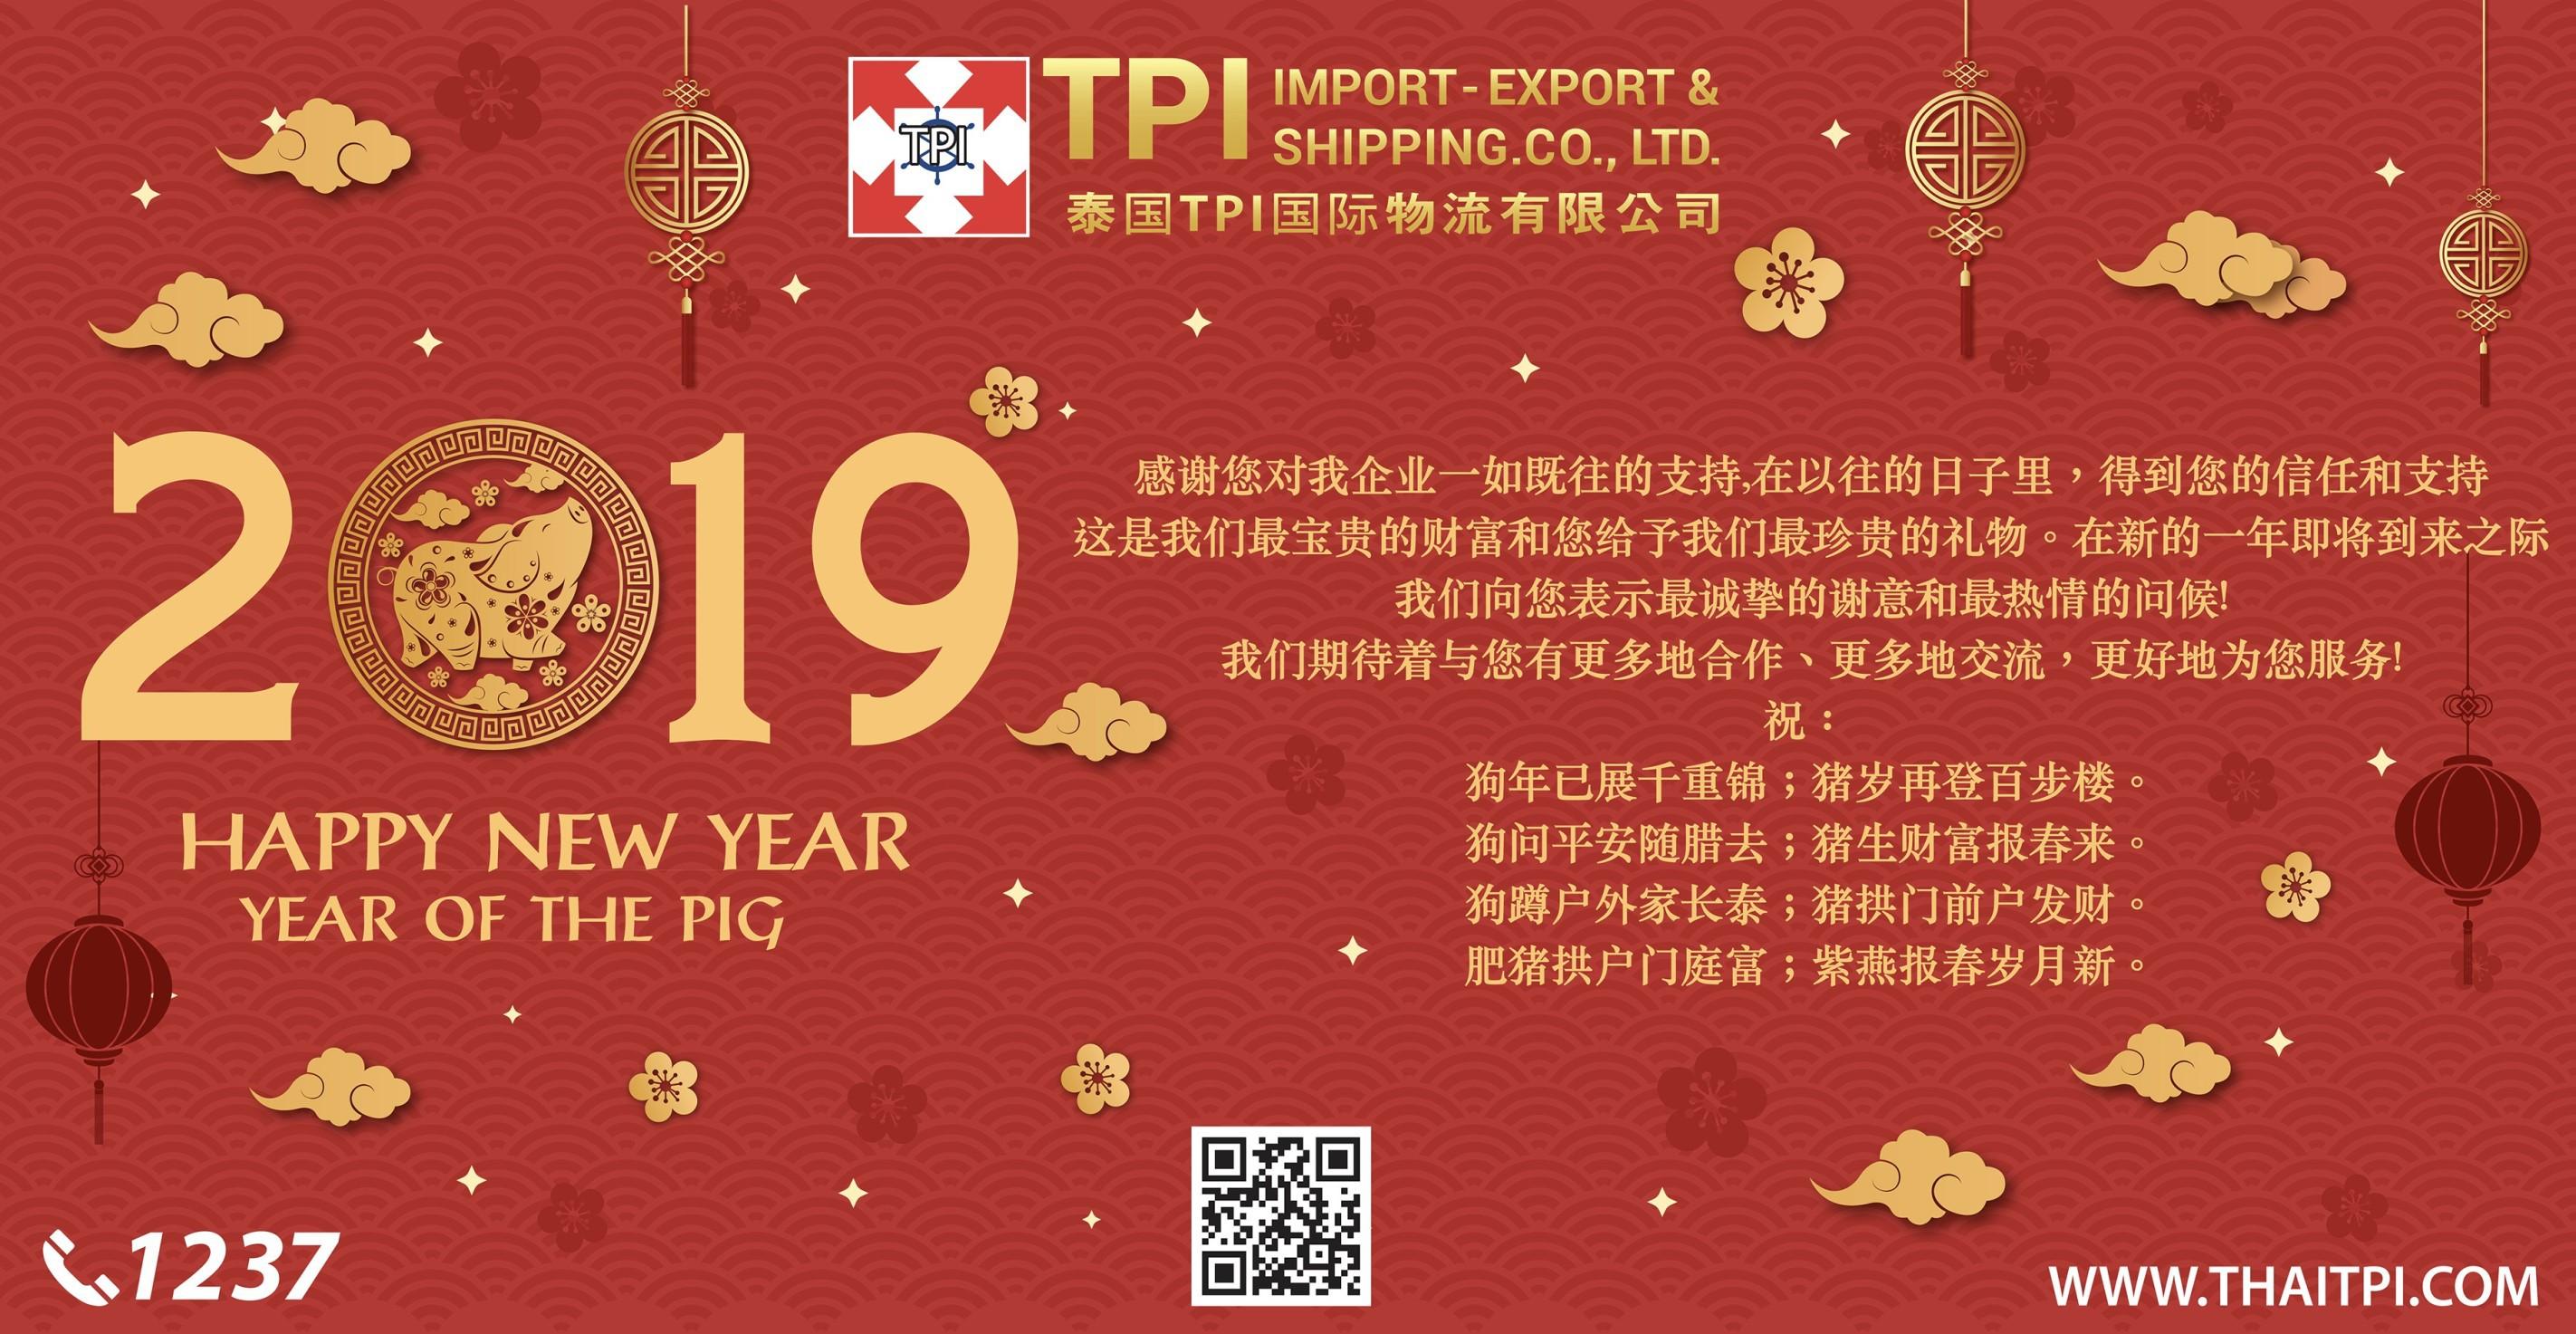 新年快乐 2019